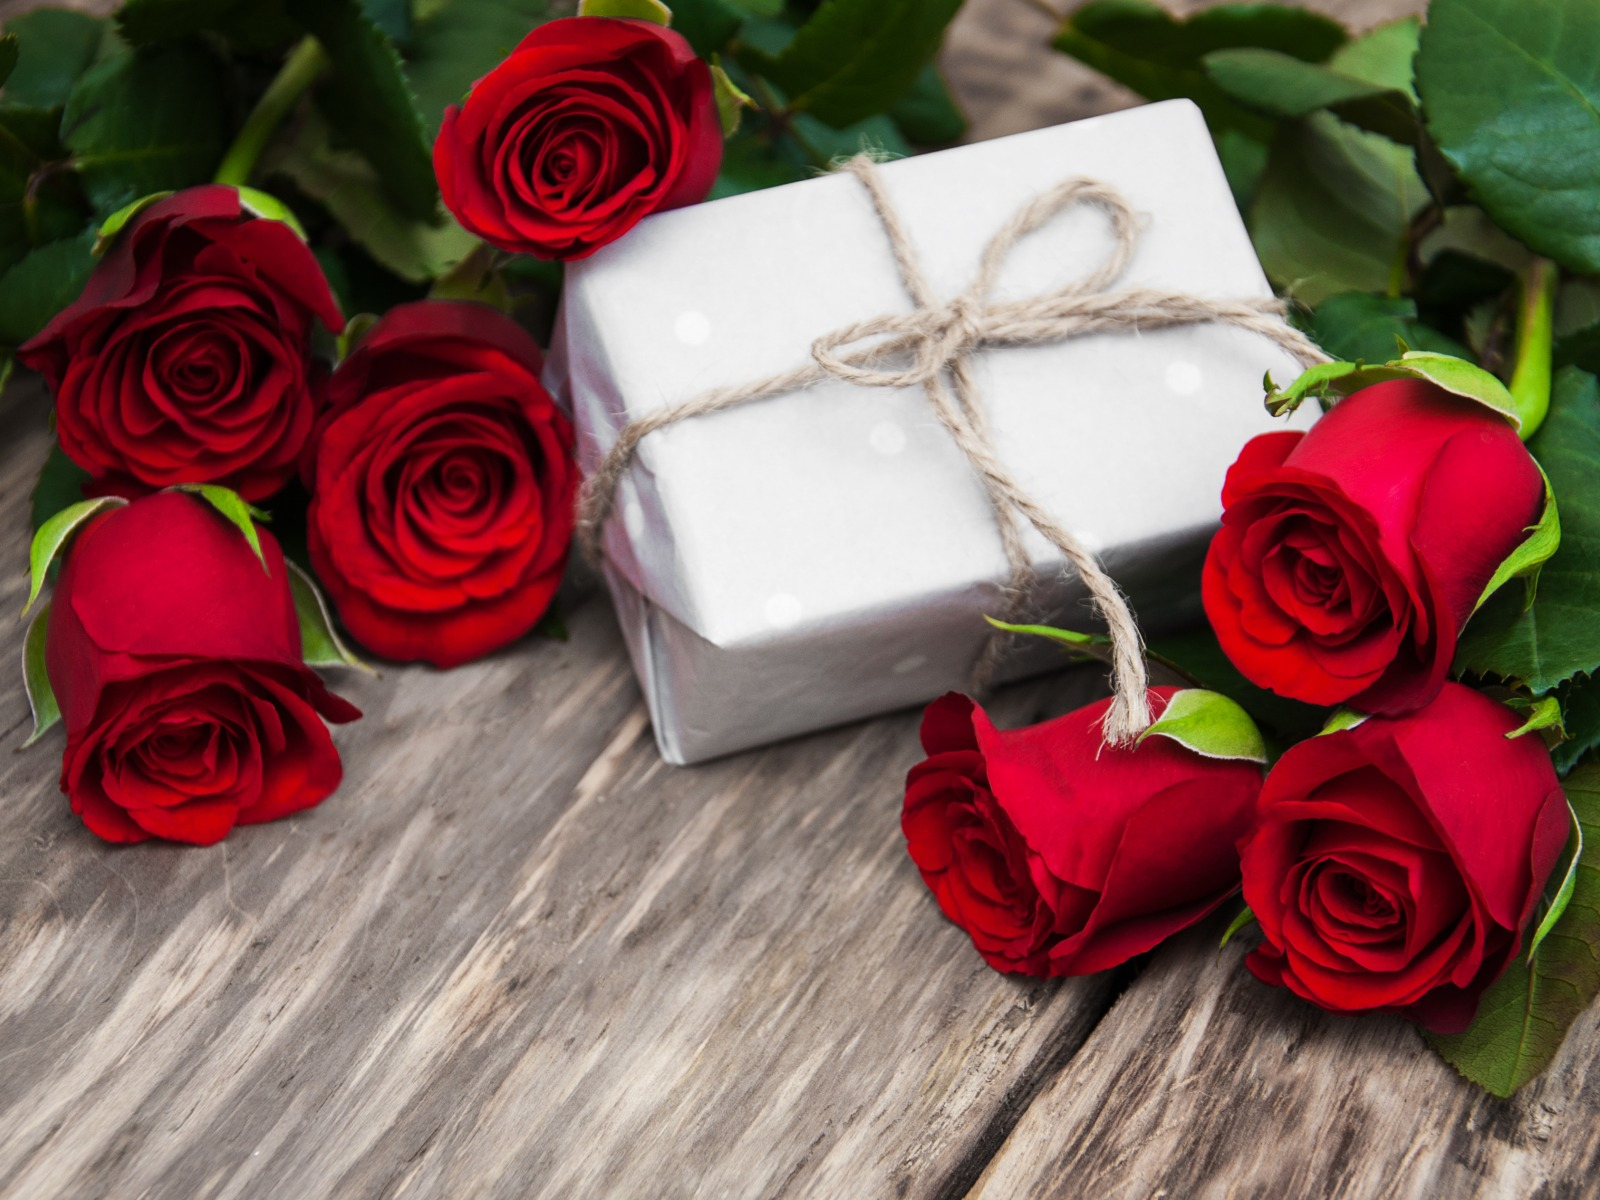 صورة ورود رومانسية , اجمل صور ورود جميلة ورومانسية